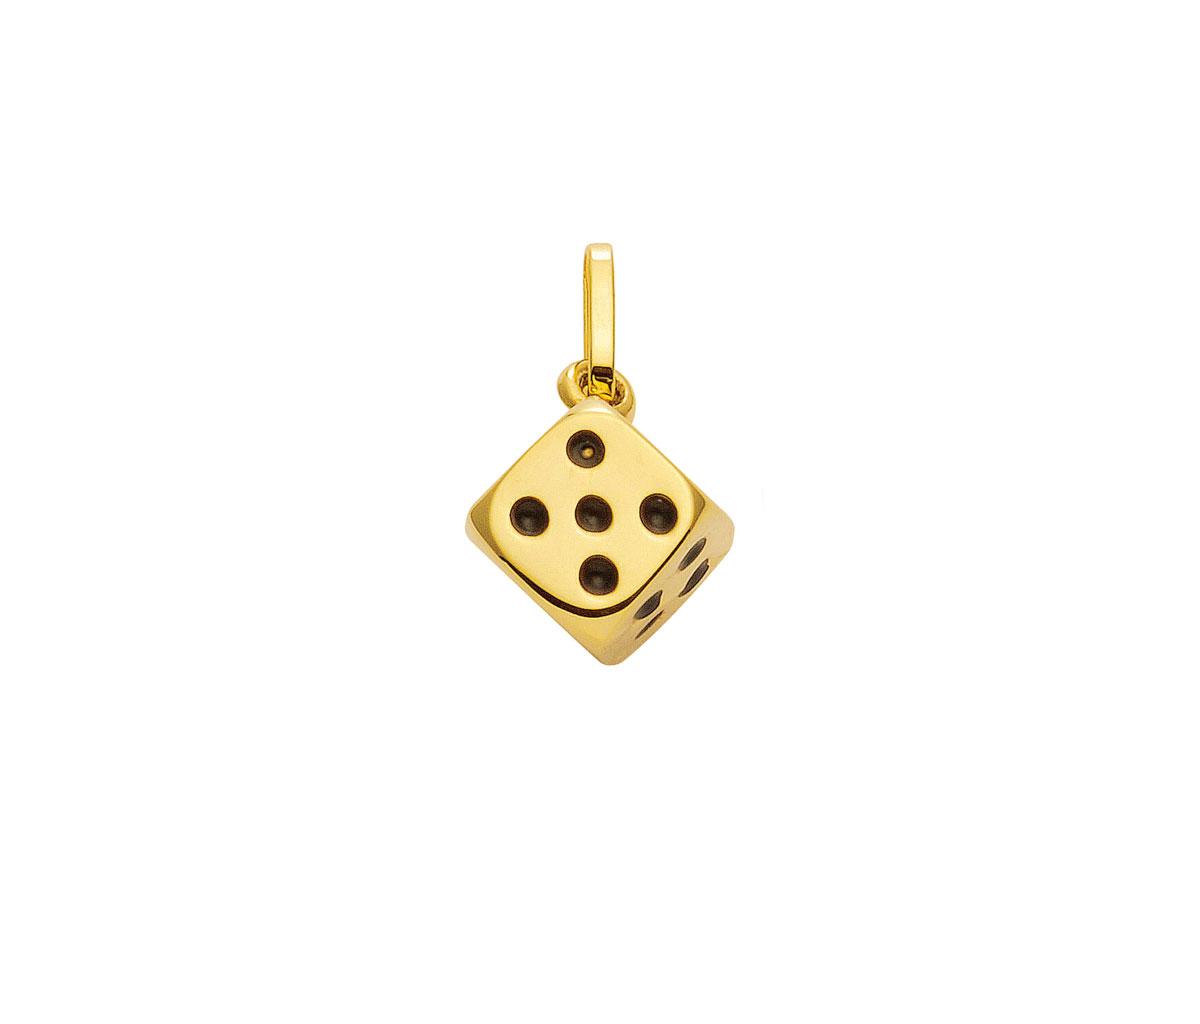 Guld-terning 14 karat Vedhæng med terning til salg.Køb billige guld vedhæng og guldsmykker online